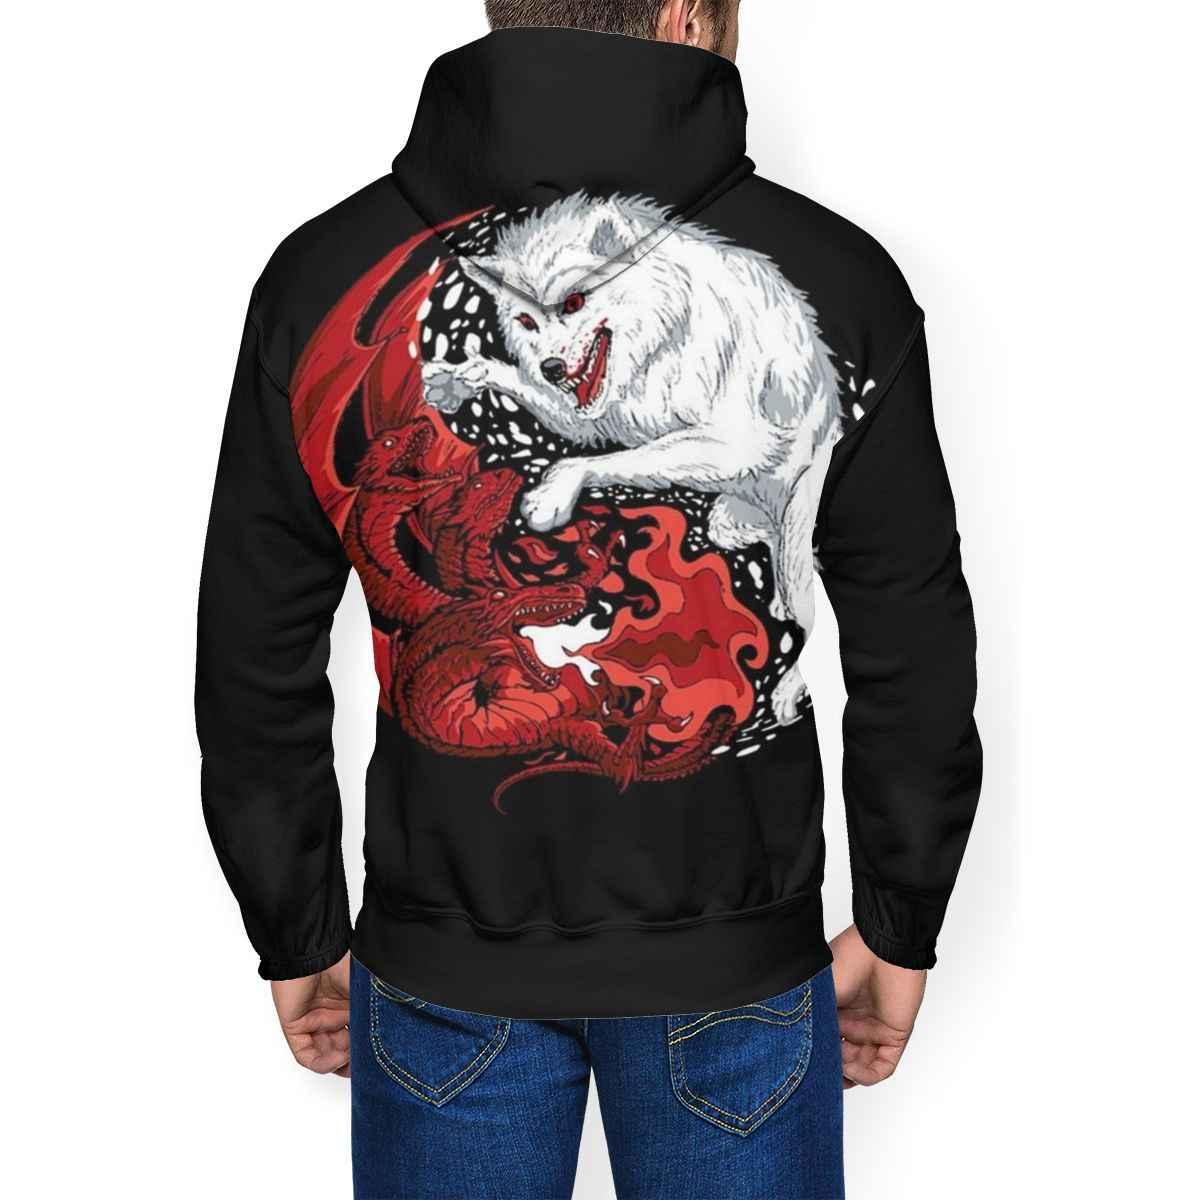 Толстовка «Игра престолов», толстовки с драконом и волком, синий уличная одежда, пуловер с капюшоном, повседневные зимние толстовки XL